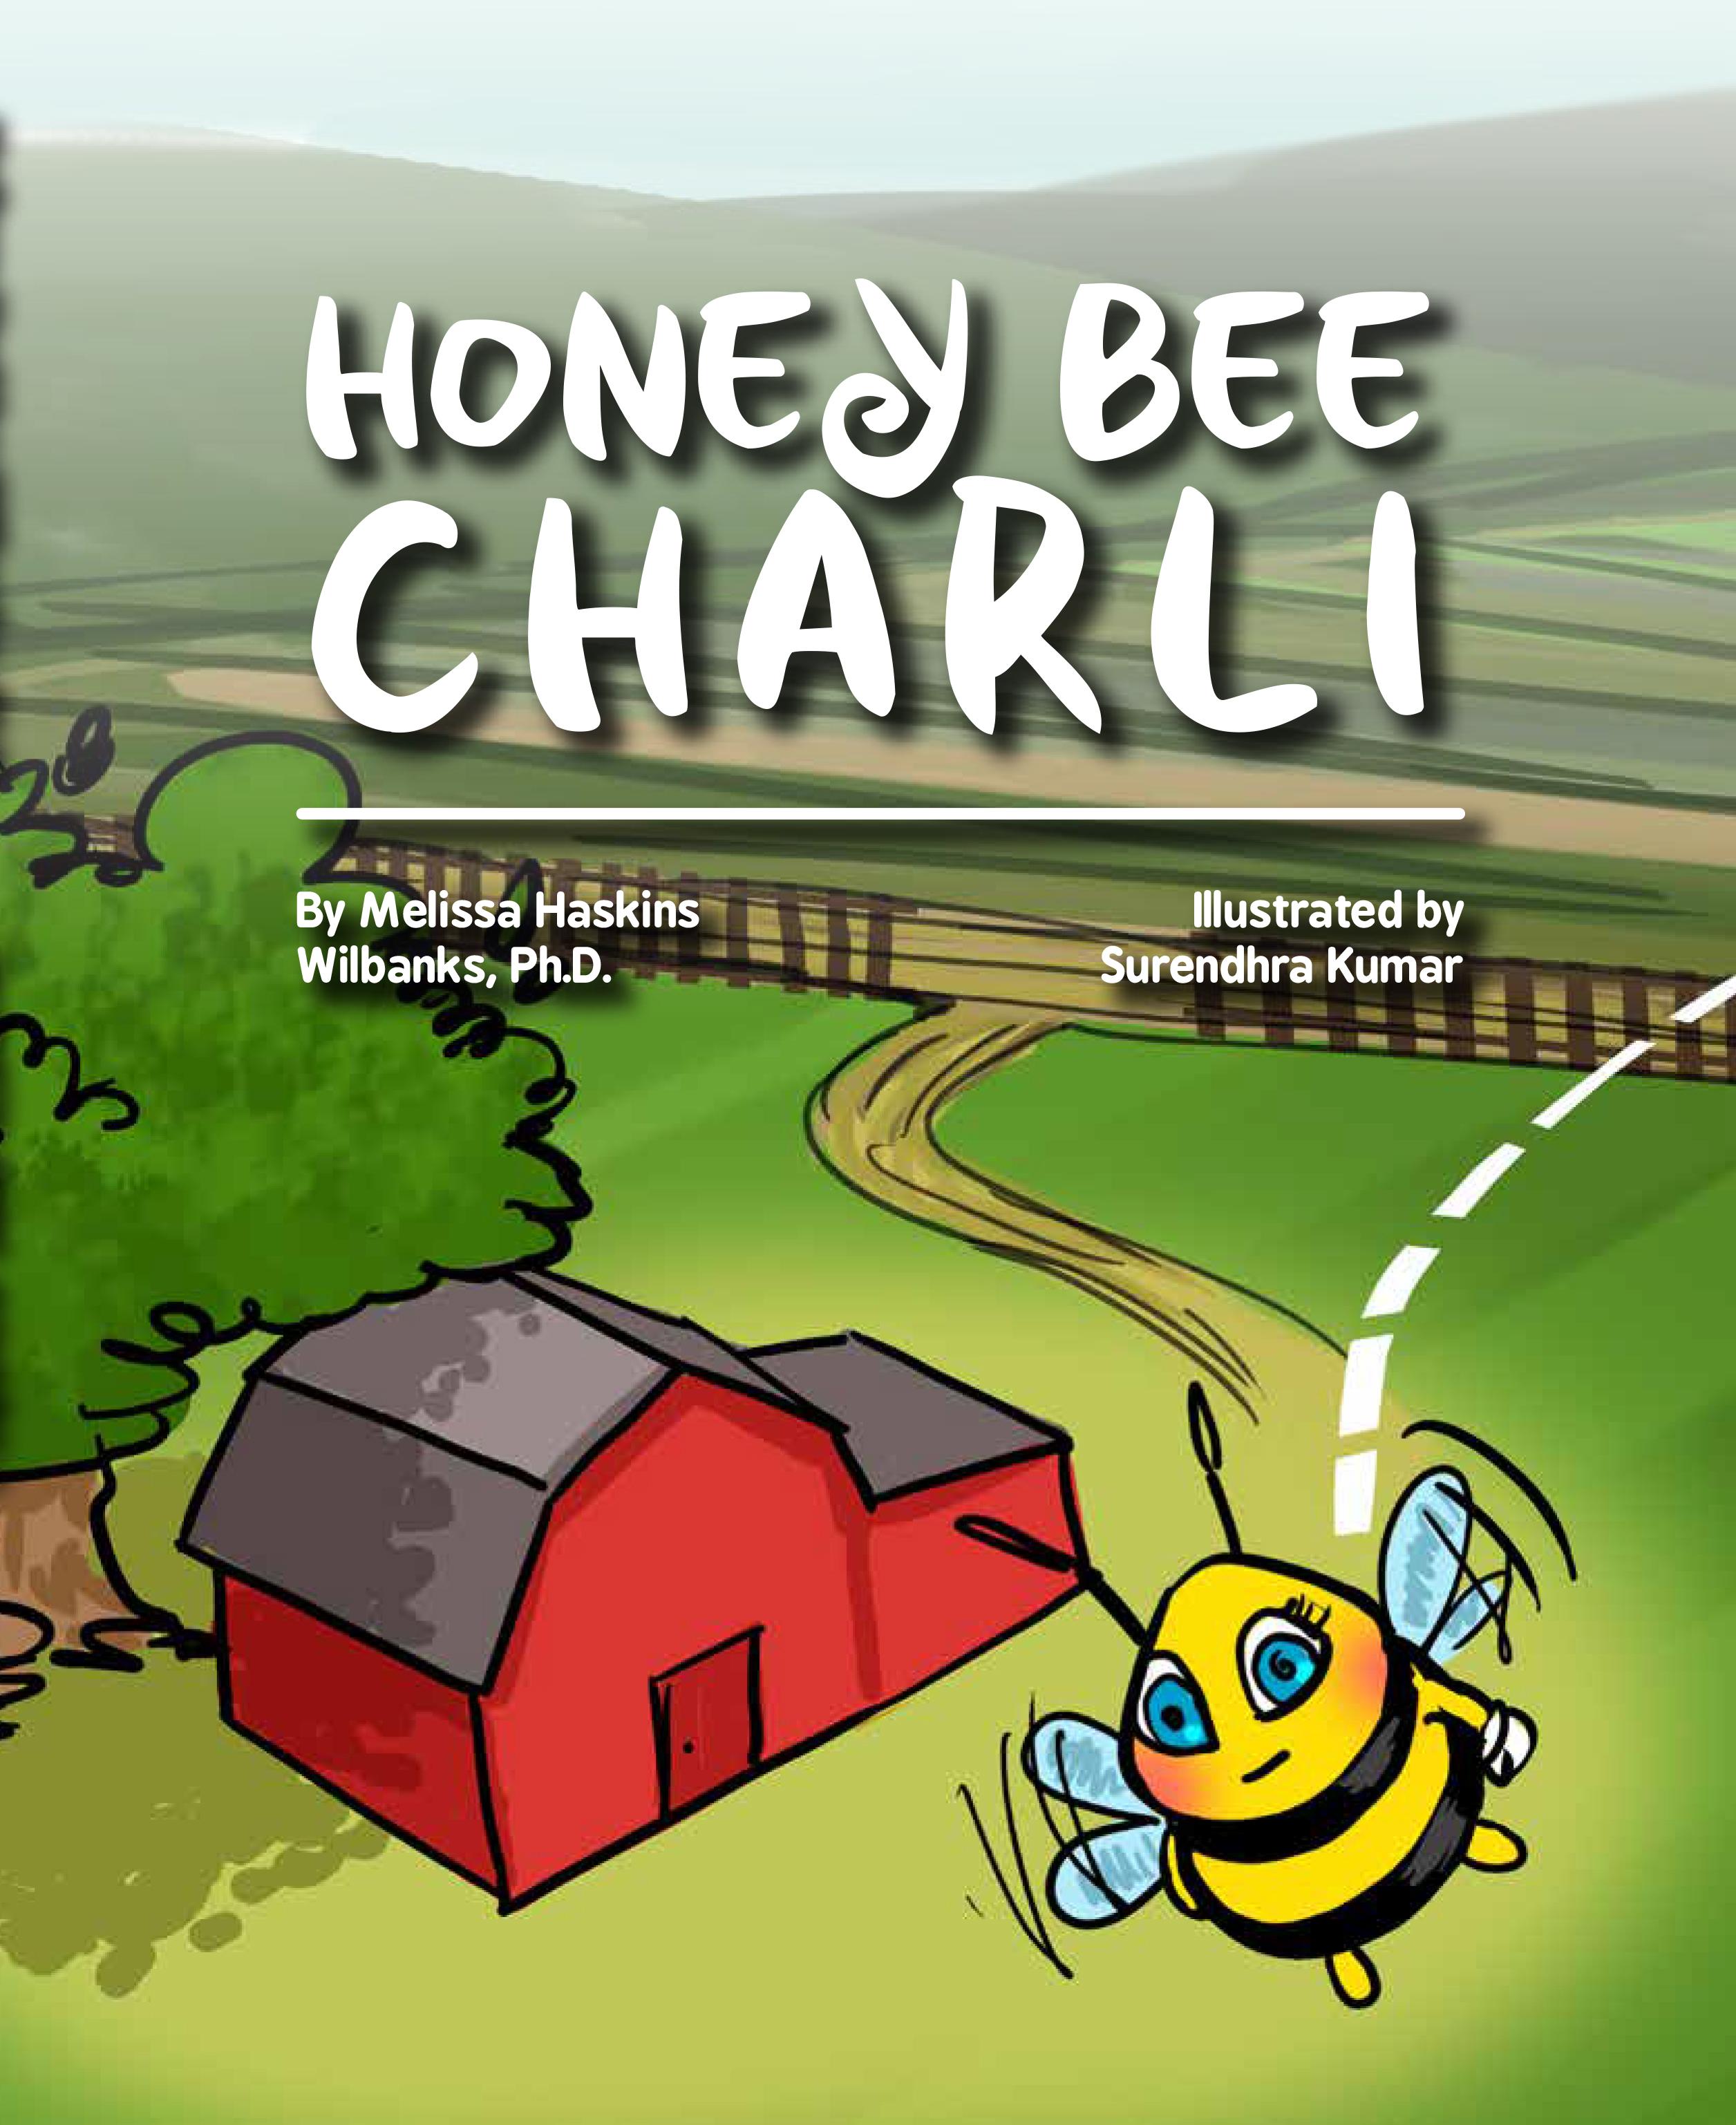 honeybeecharli_amazon